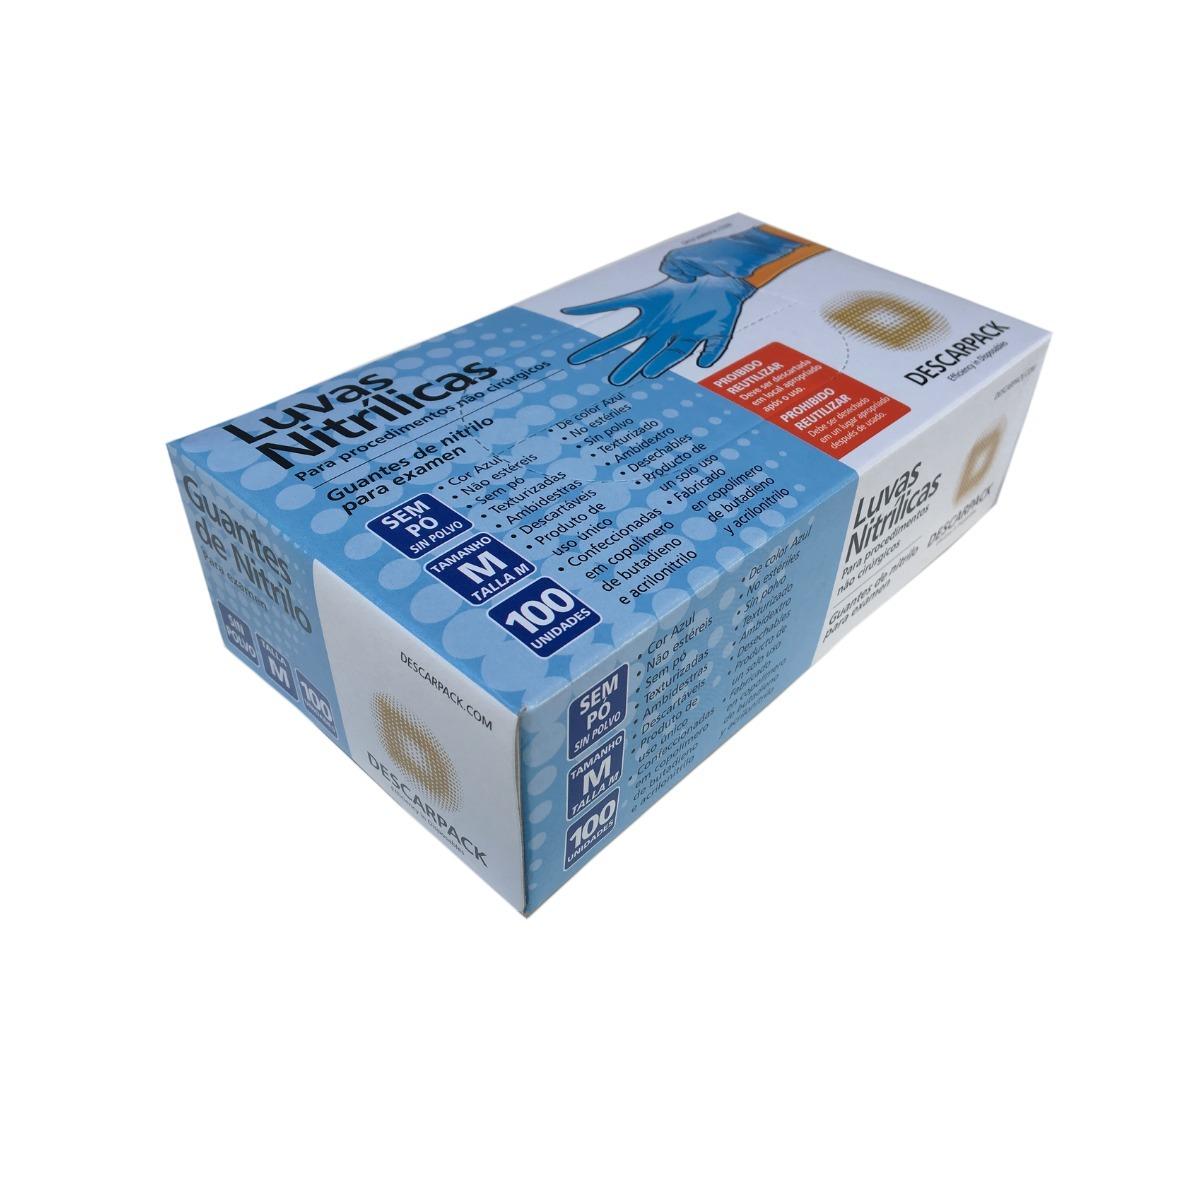 90301f1c255a2 luva nitrilica azul descarpack p m g - 10 caixinhas. Carregando zoom.